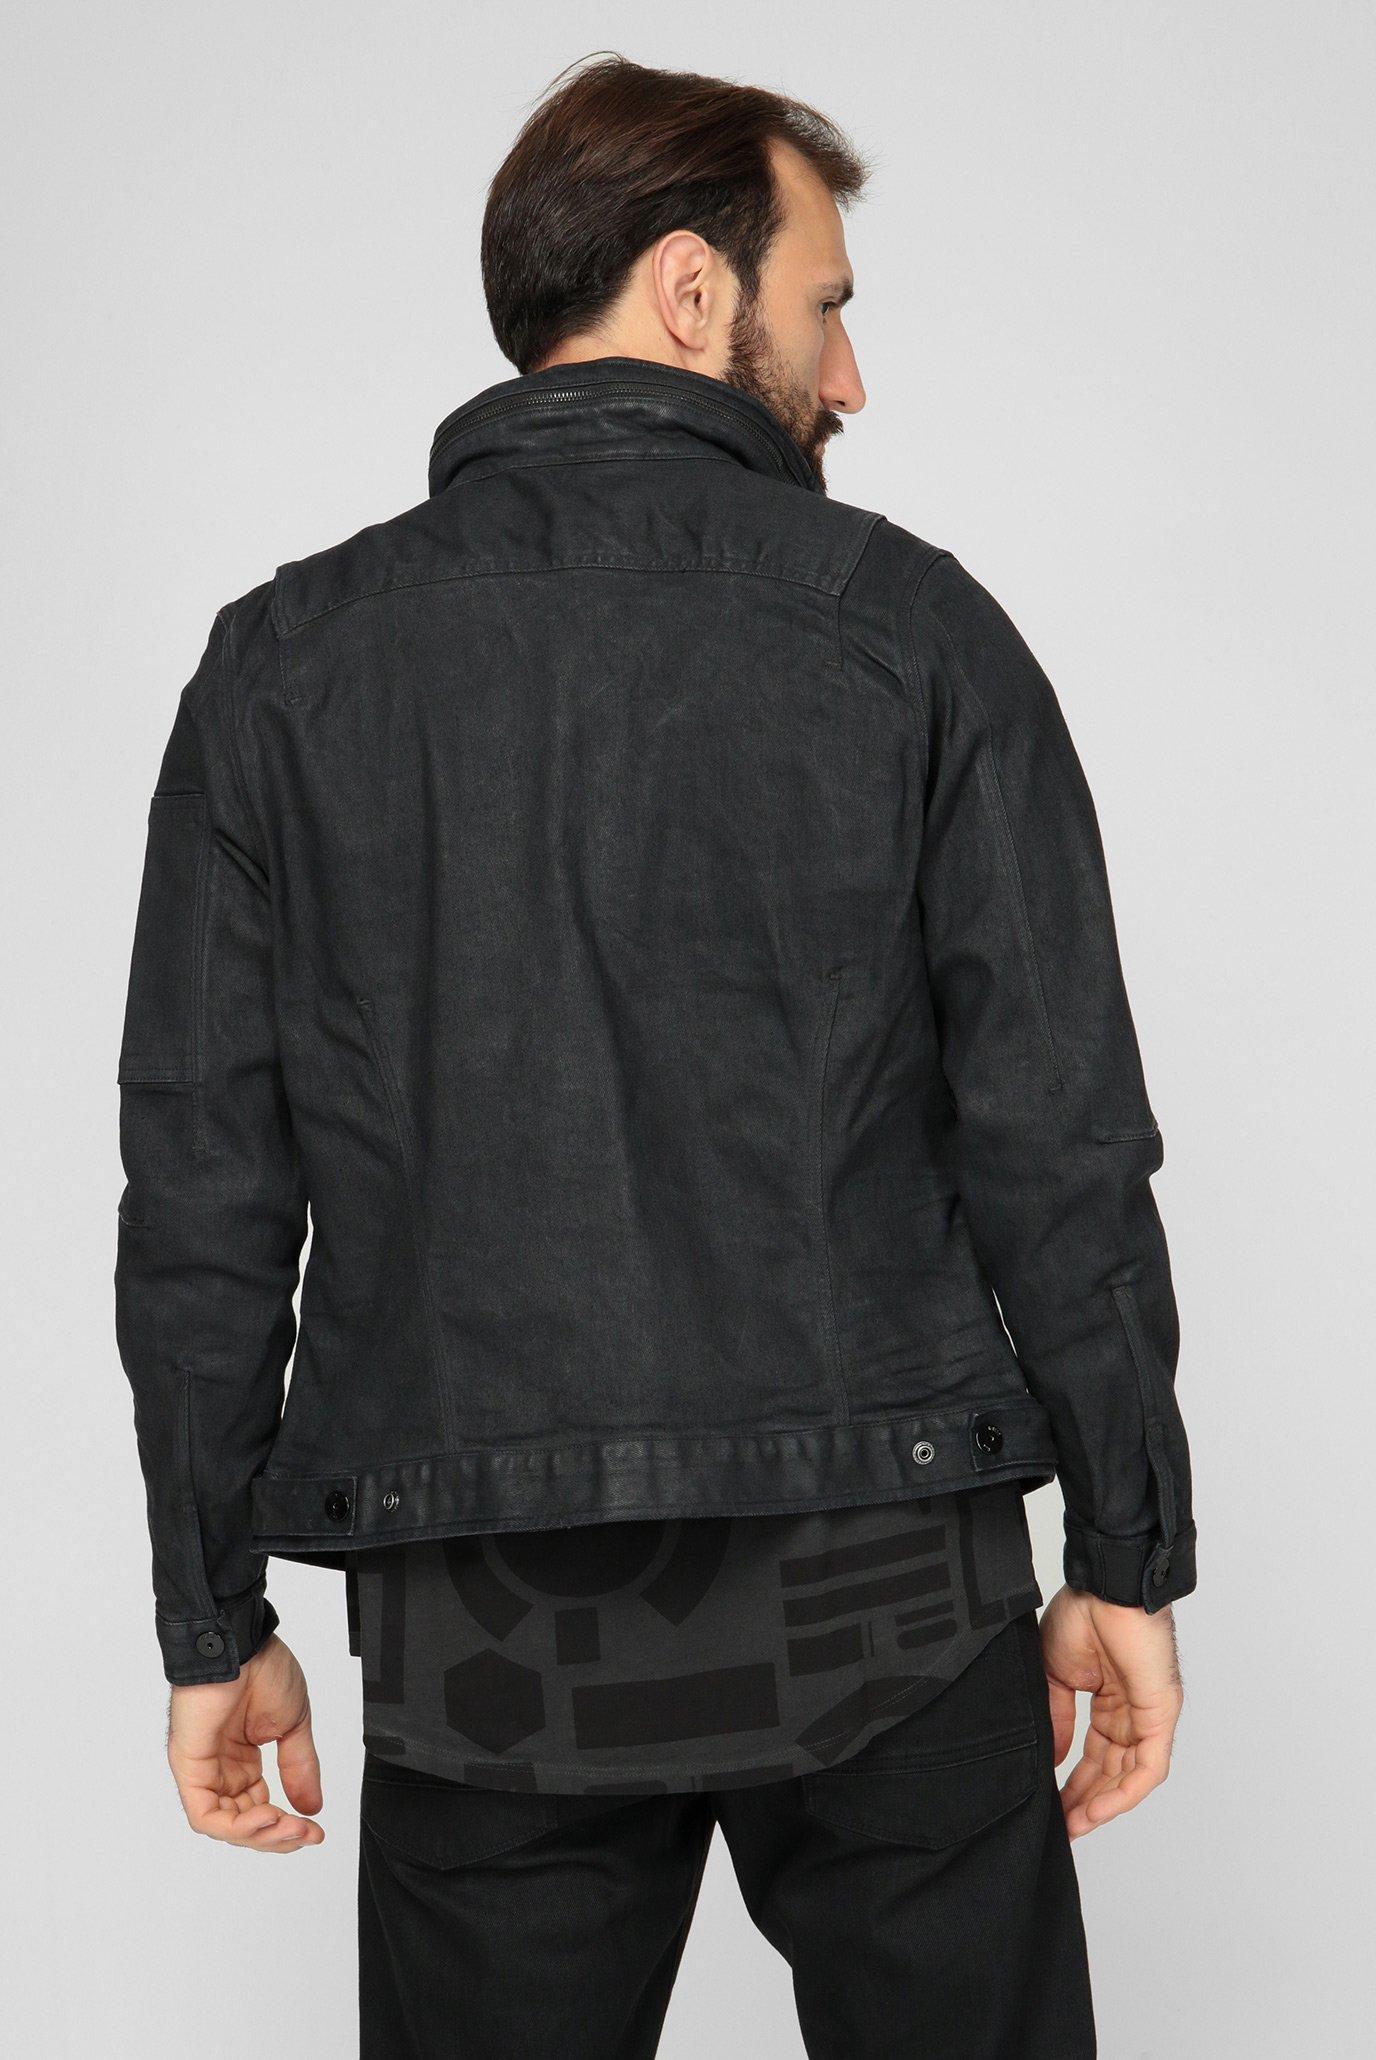 Мужская черная джинсовая куртка Citishield Zip G-Star RAW